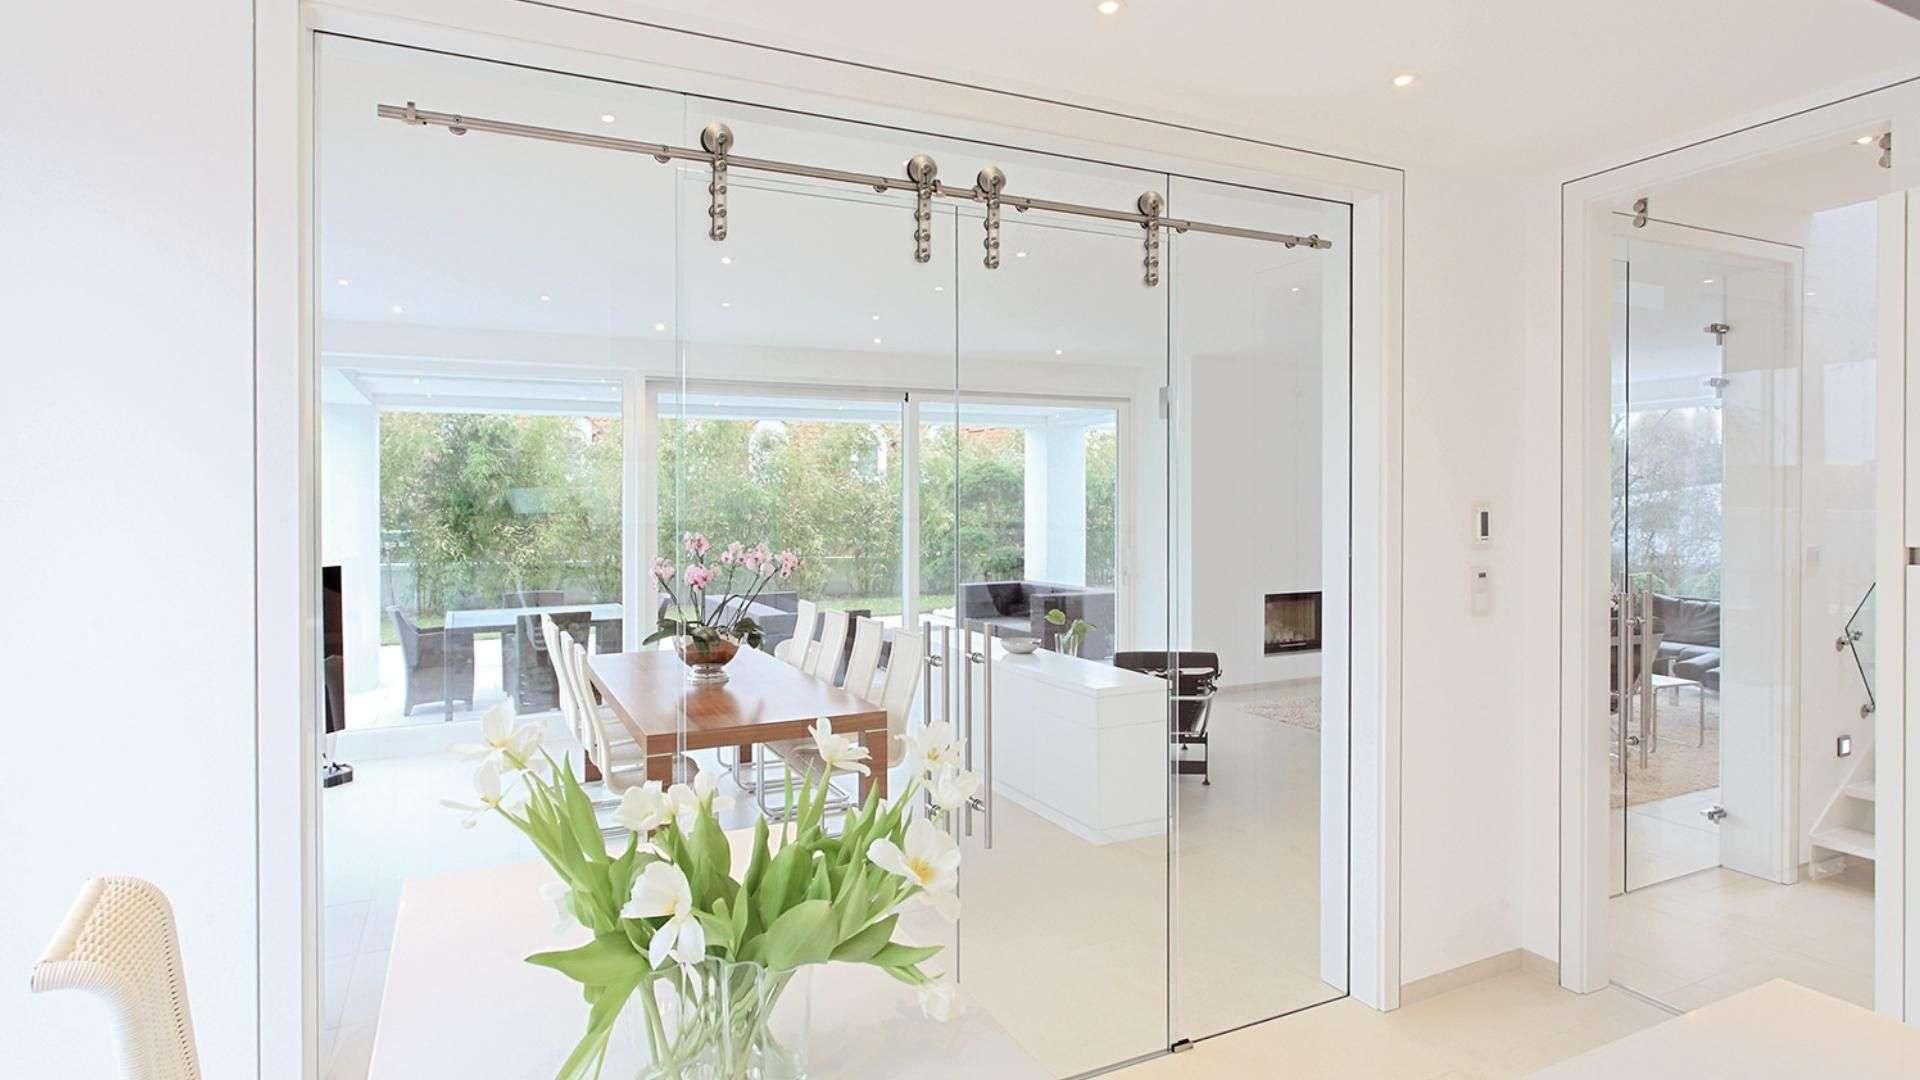 große Schiebetür aus Glas zu einem Esszimmer